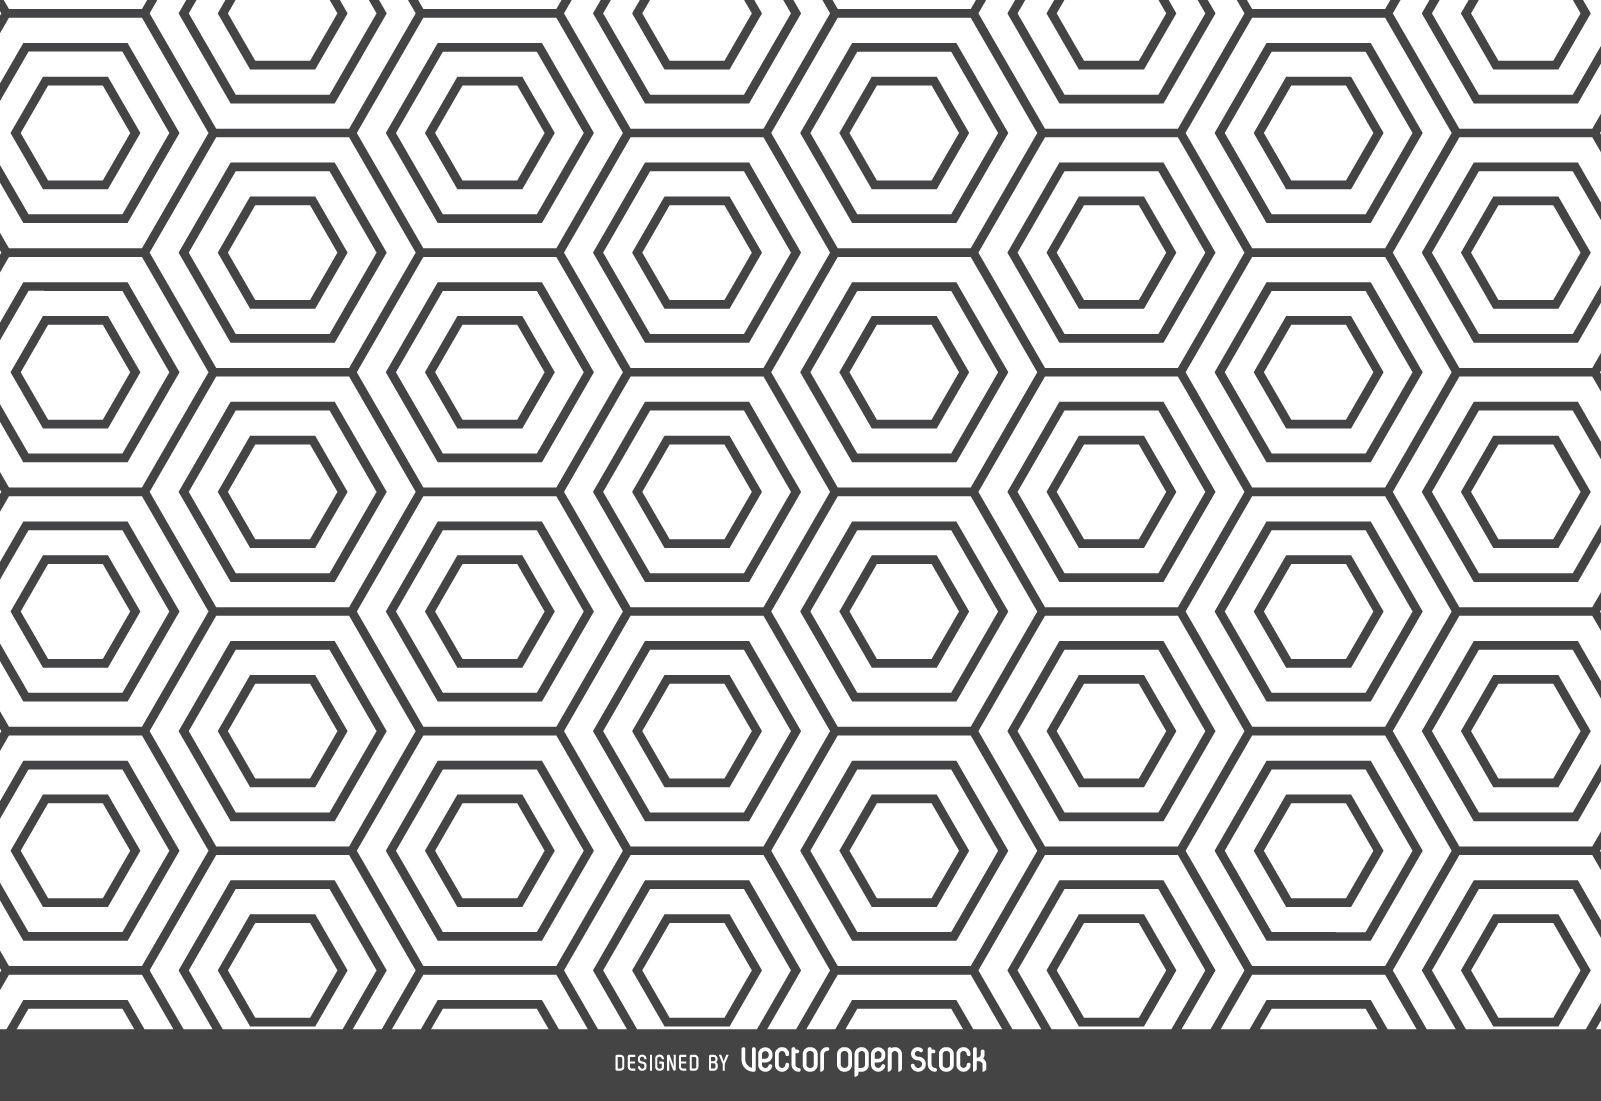 Telón de fondo de patrón lineal hexagonal